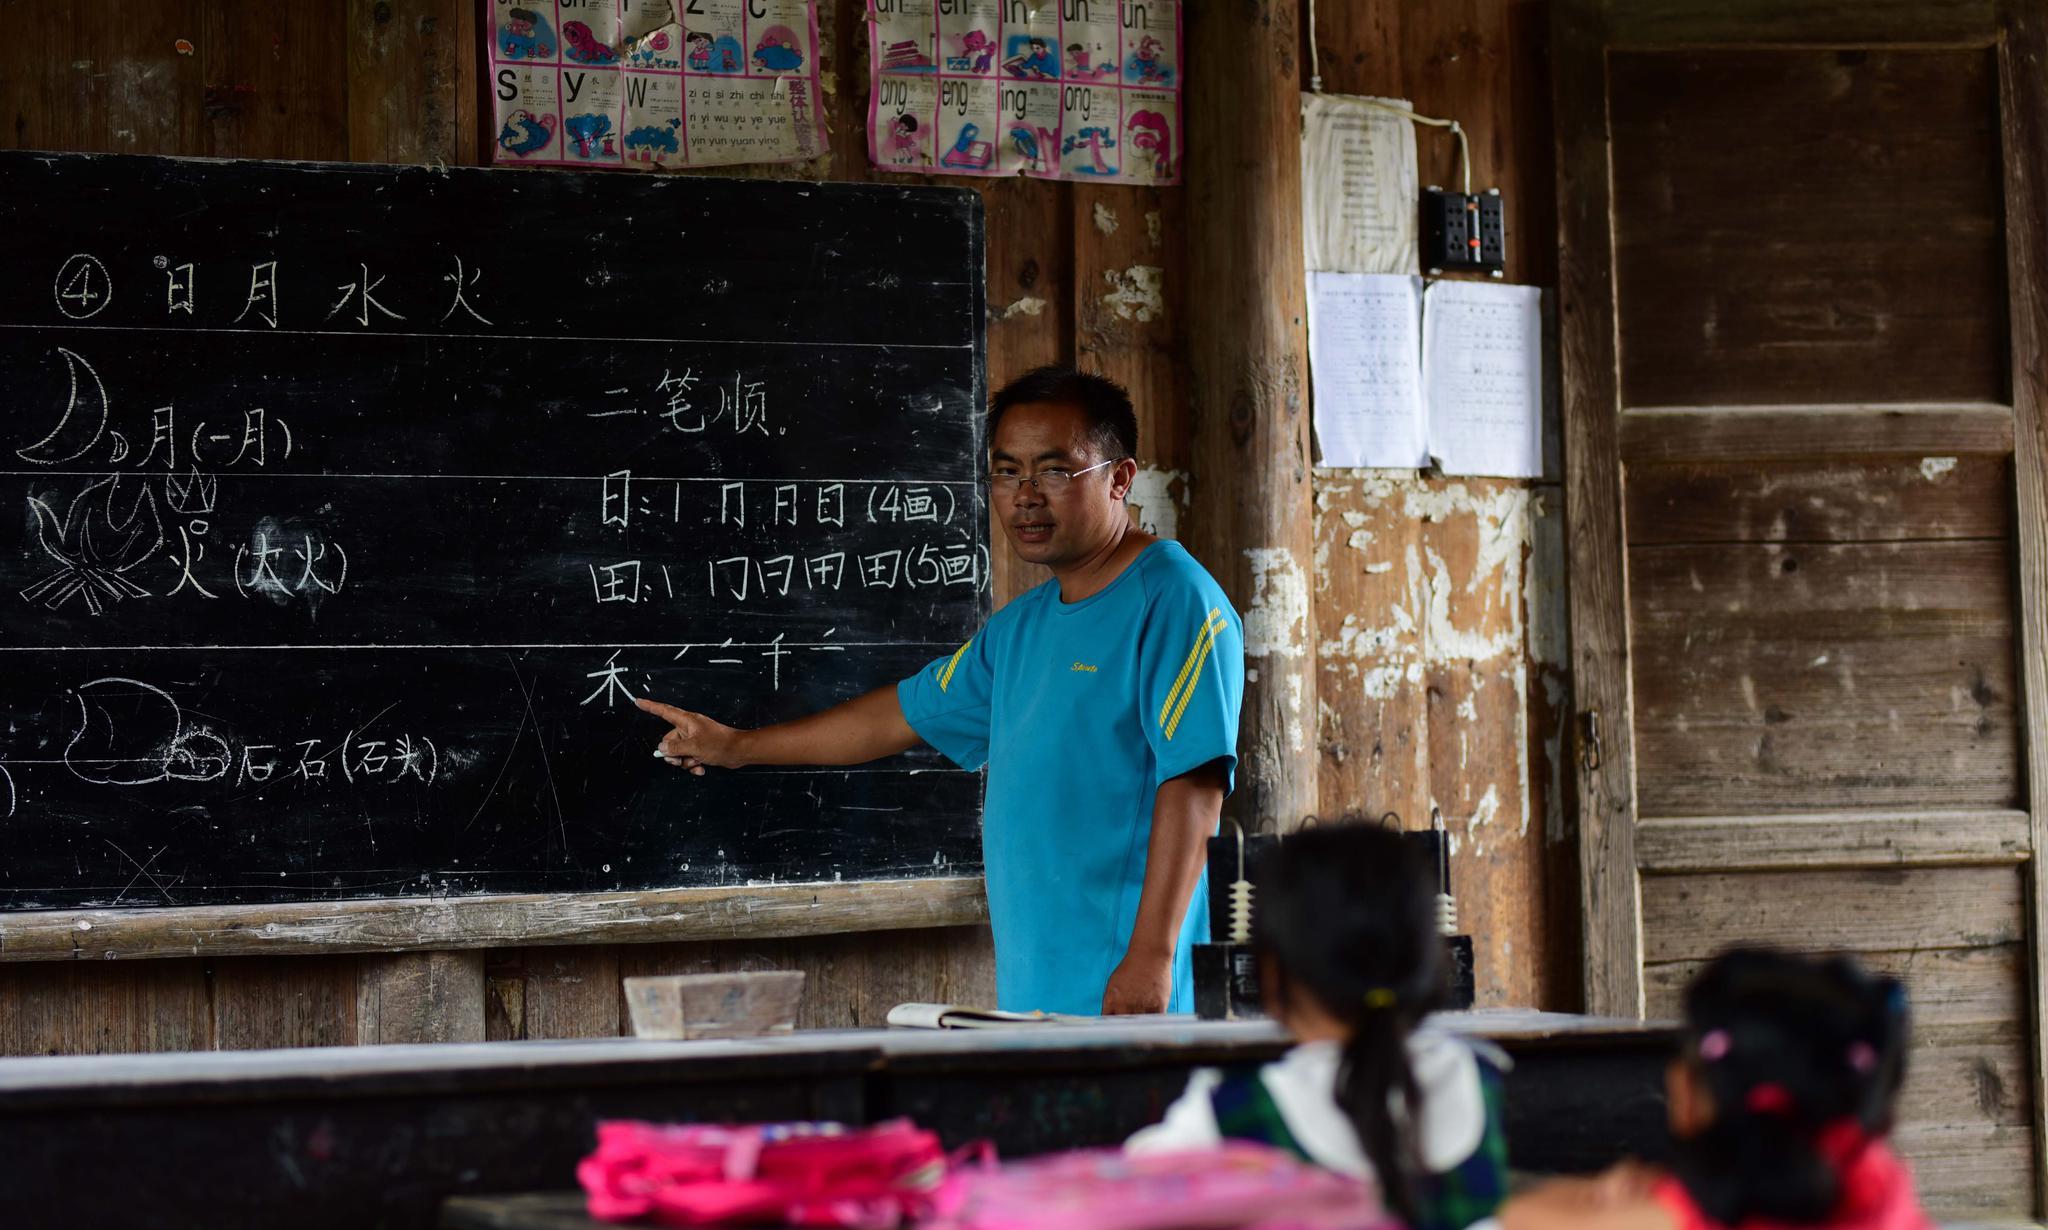 贵州苗族教师杨昌军:大山深处娃娃的守护者,向老师致敬!